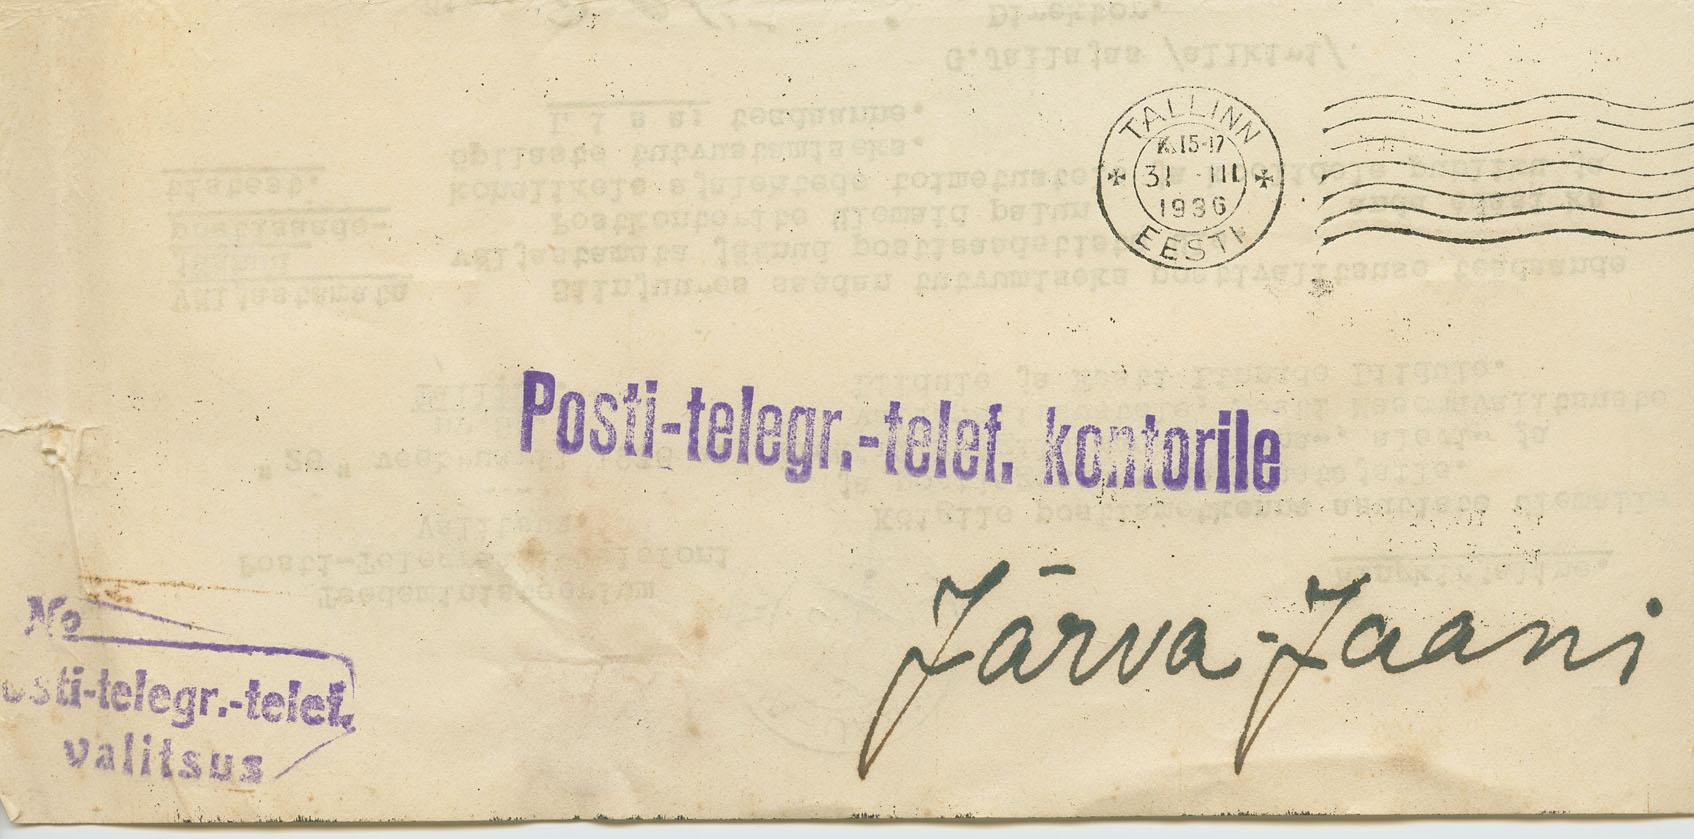 Ringkiri-väljastamata-jäänud-postisaadetistest-1936-a